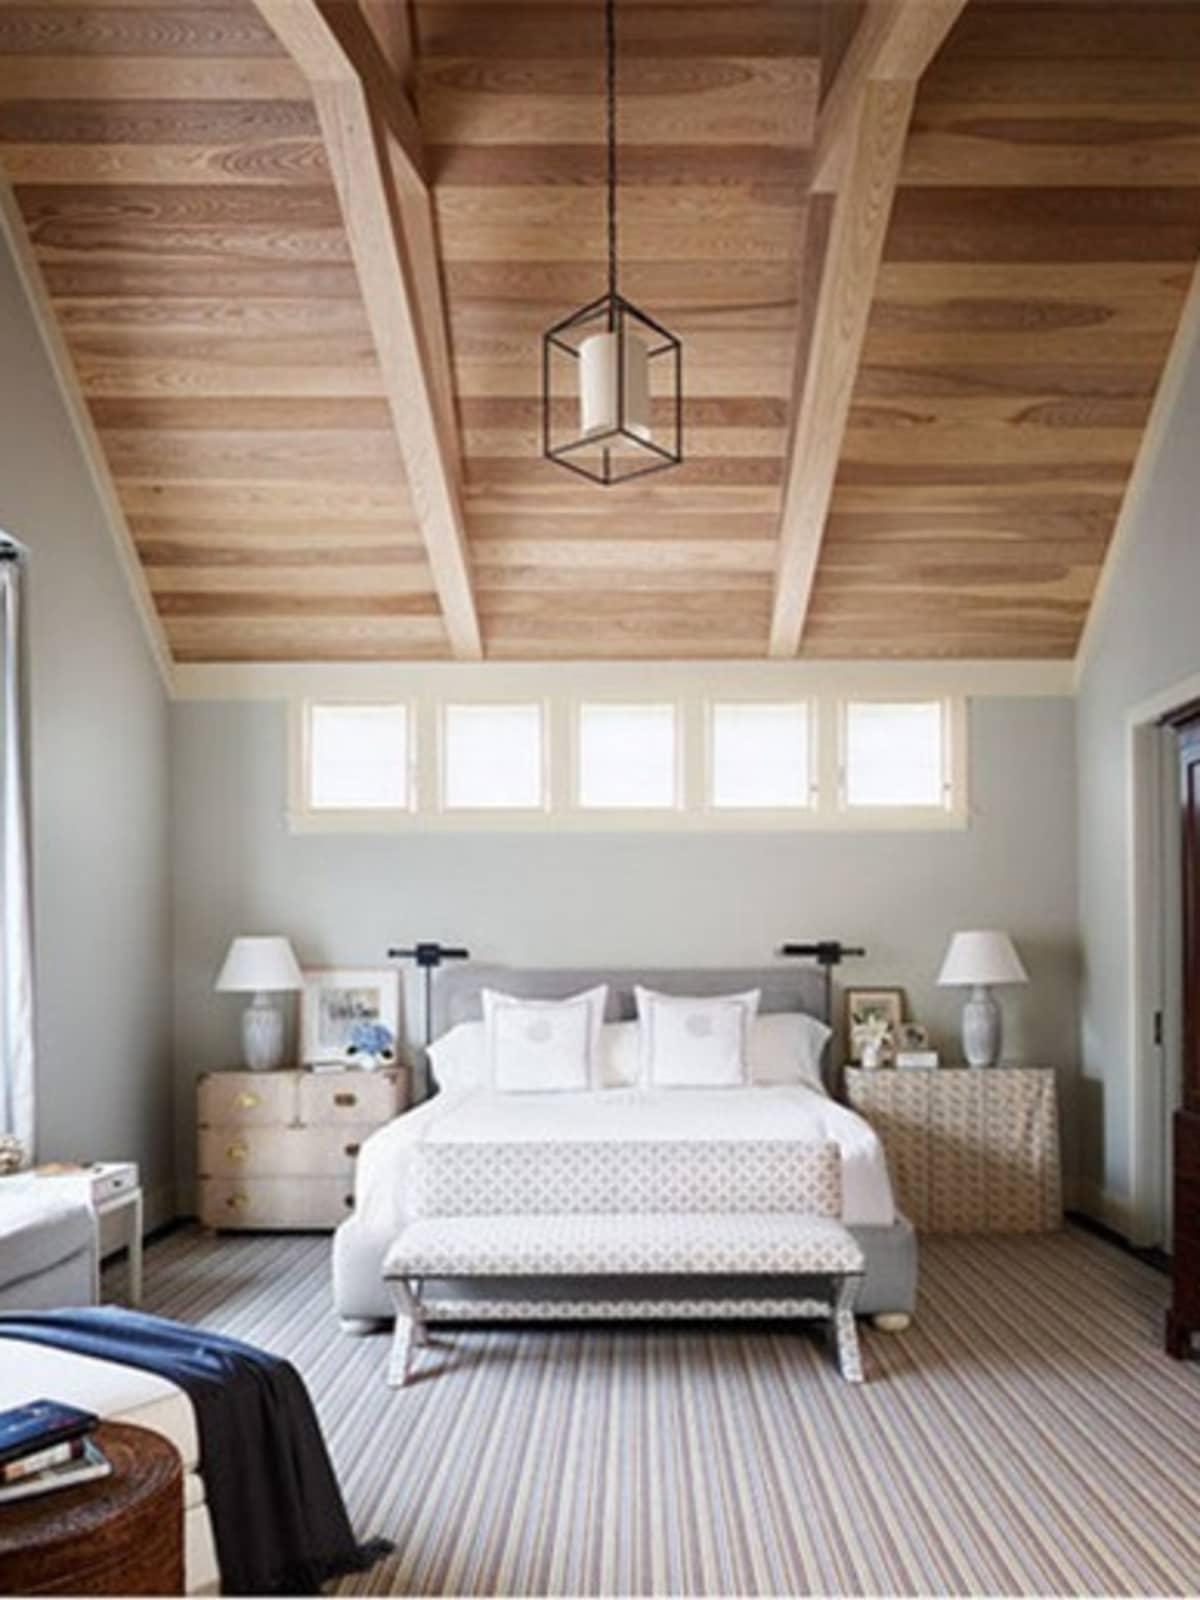 Porch.com Dillon Kyle Architecture bedroom